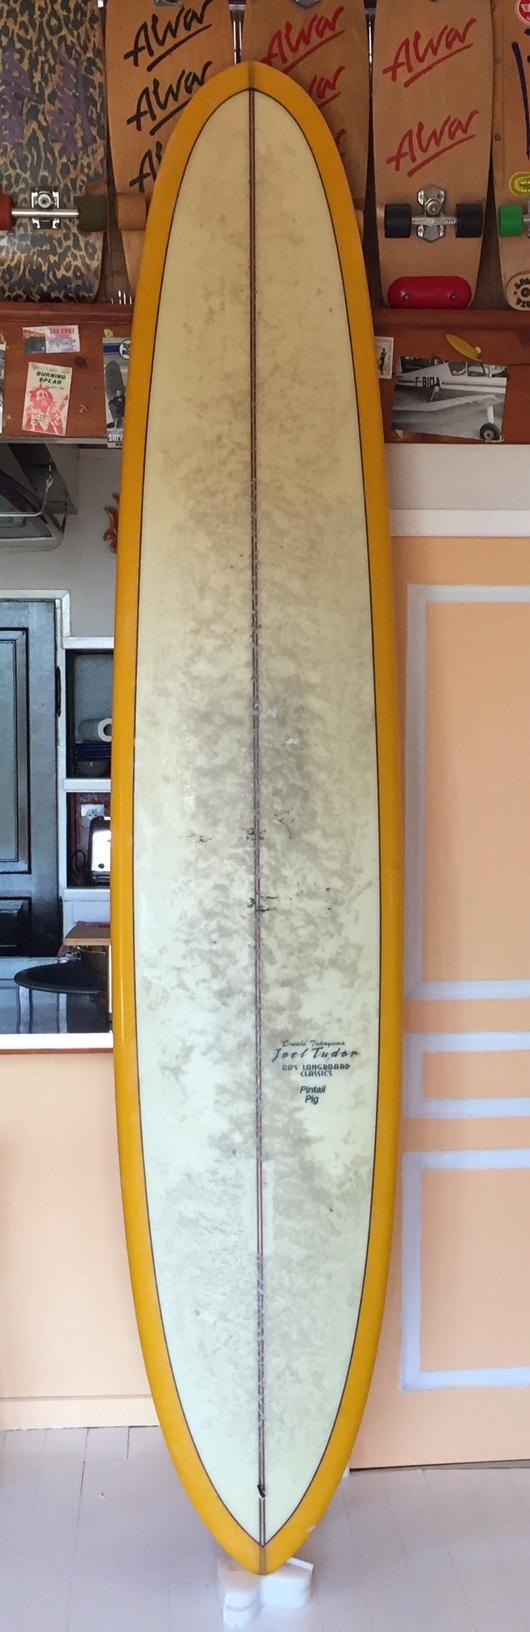 Donald-Takayama-Surfboard-2